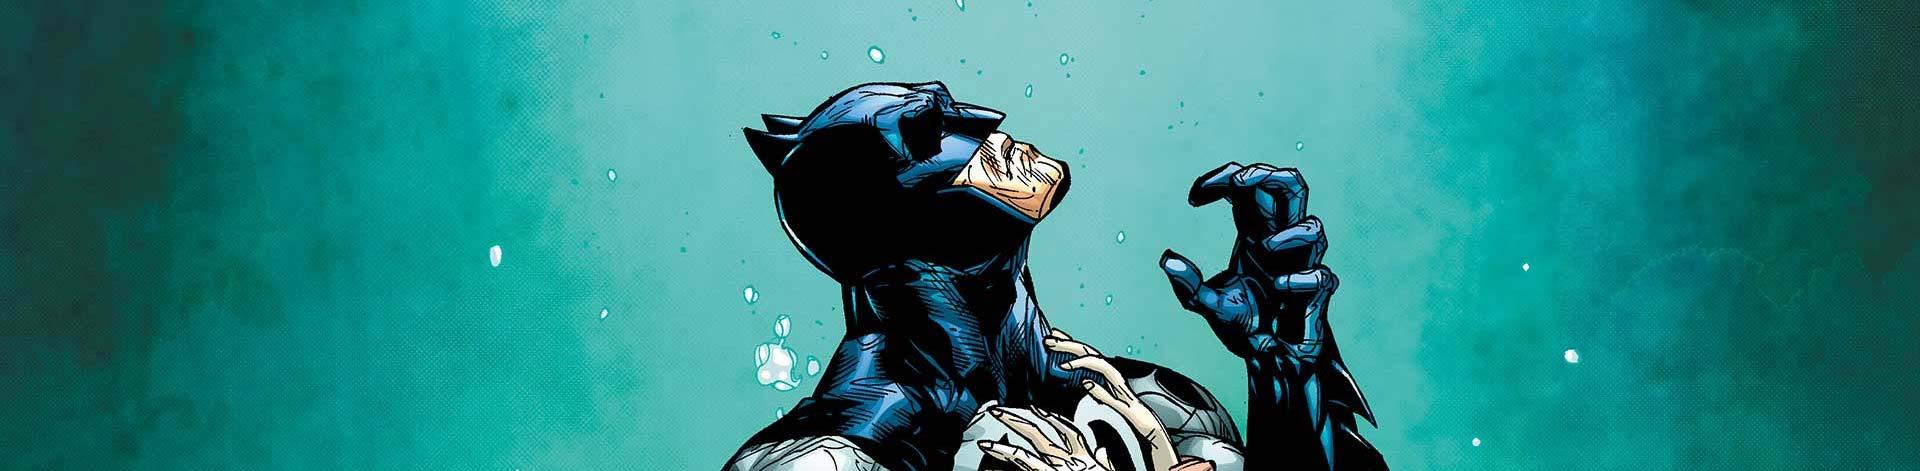 Detective Comics 994